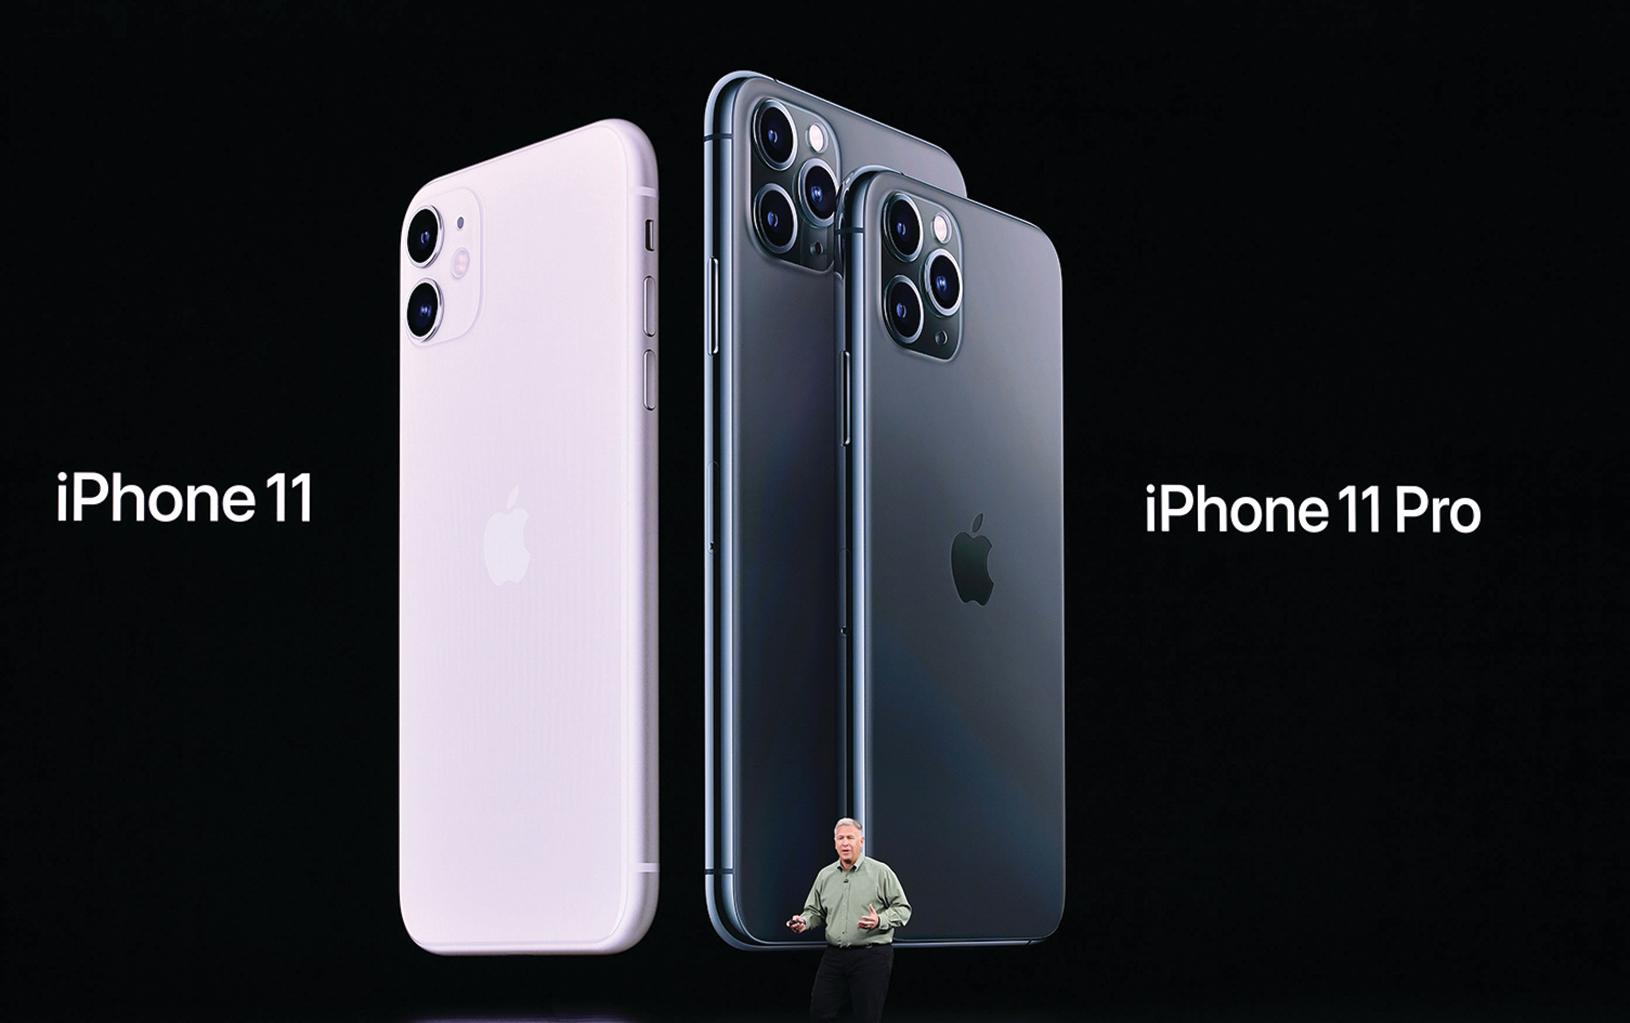 2019年9月10日,蘋果公司發表了3款iPhone 11系列手機。目前,iPhone 11是最暢銷的iPhone。(AFP via Getty Images)